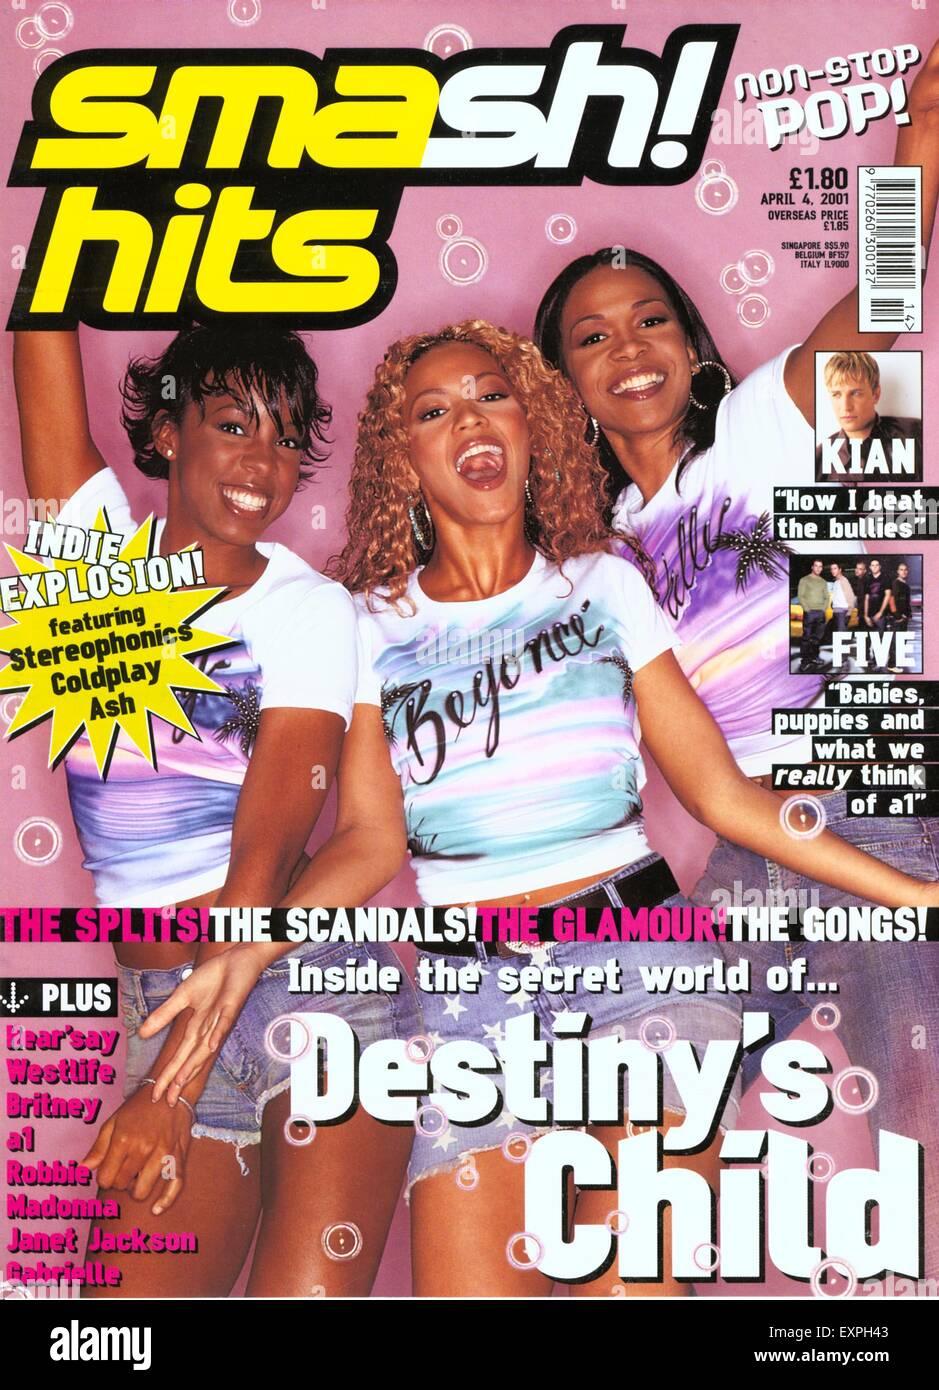 2000s Uk Smash Hits Magazine Cover Stock Photo Alamy